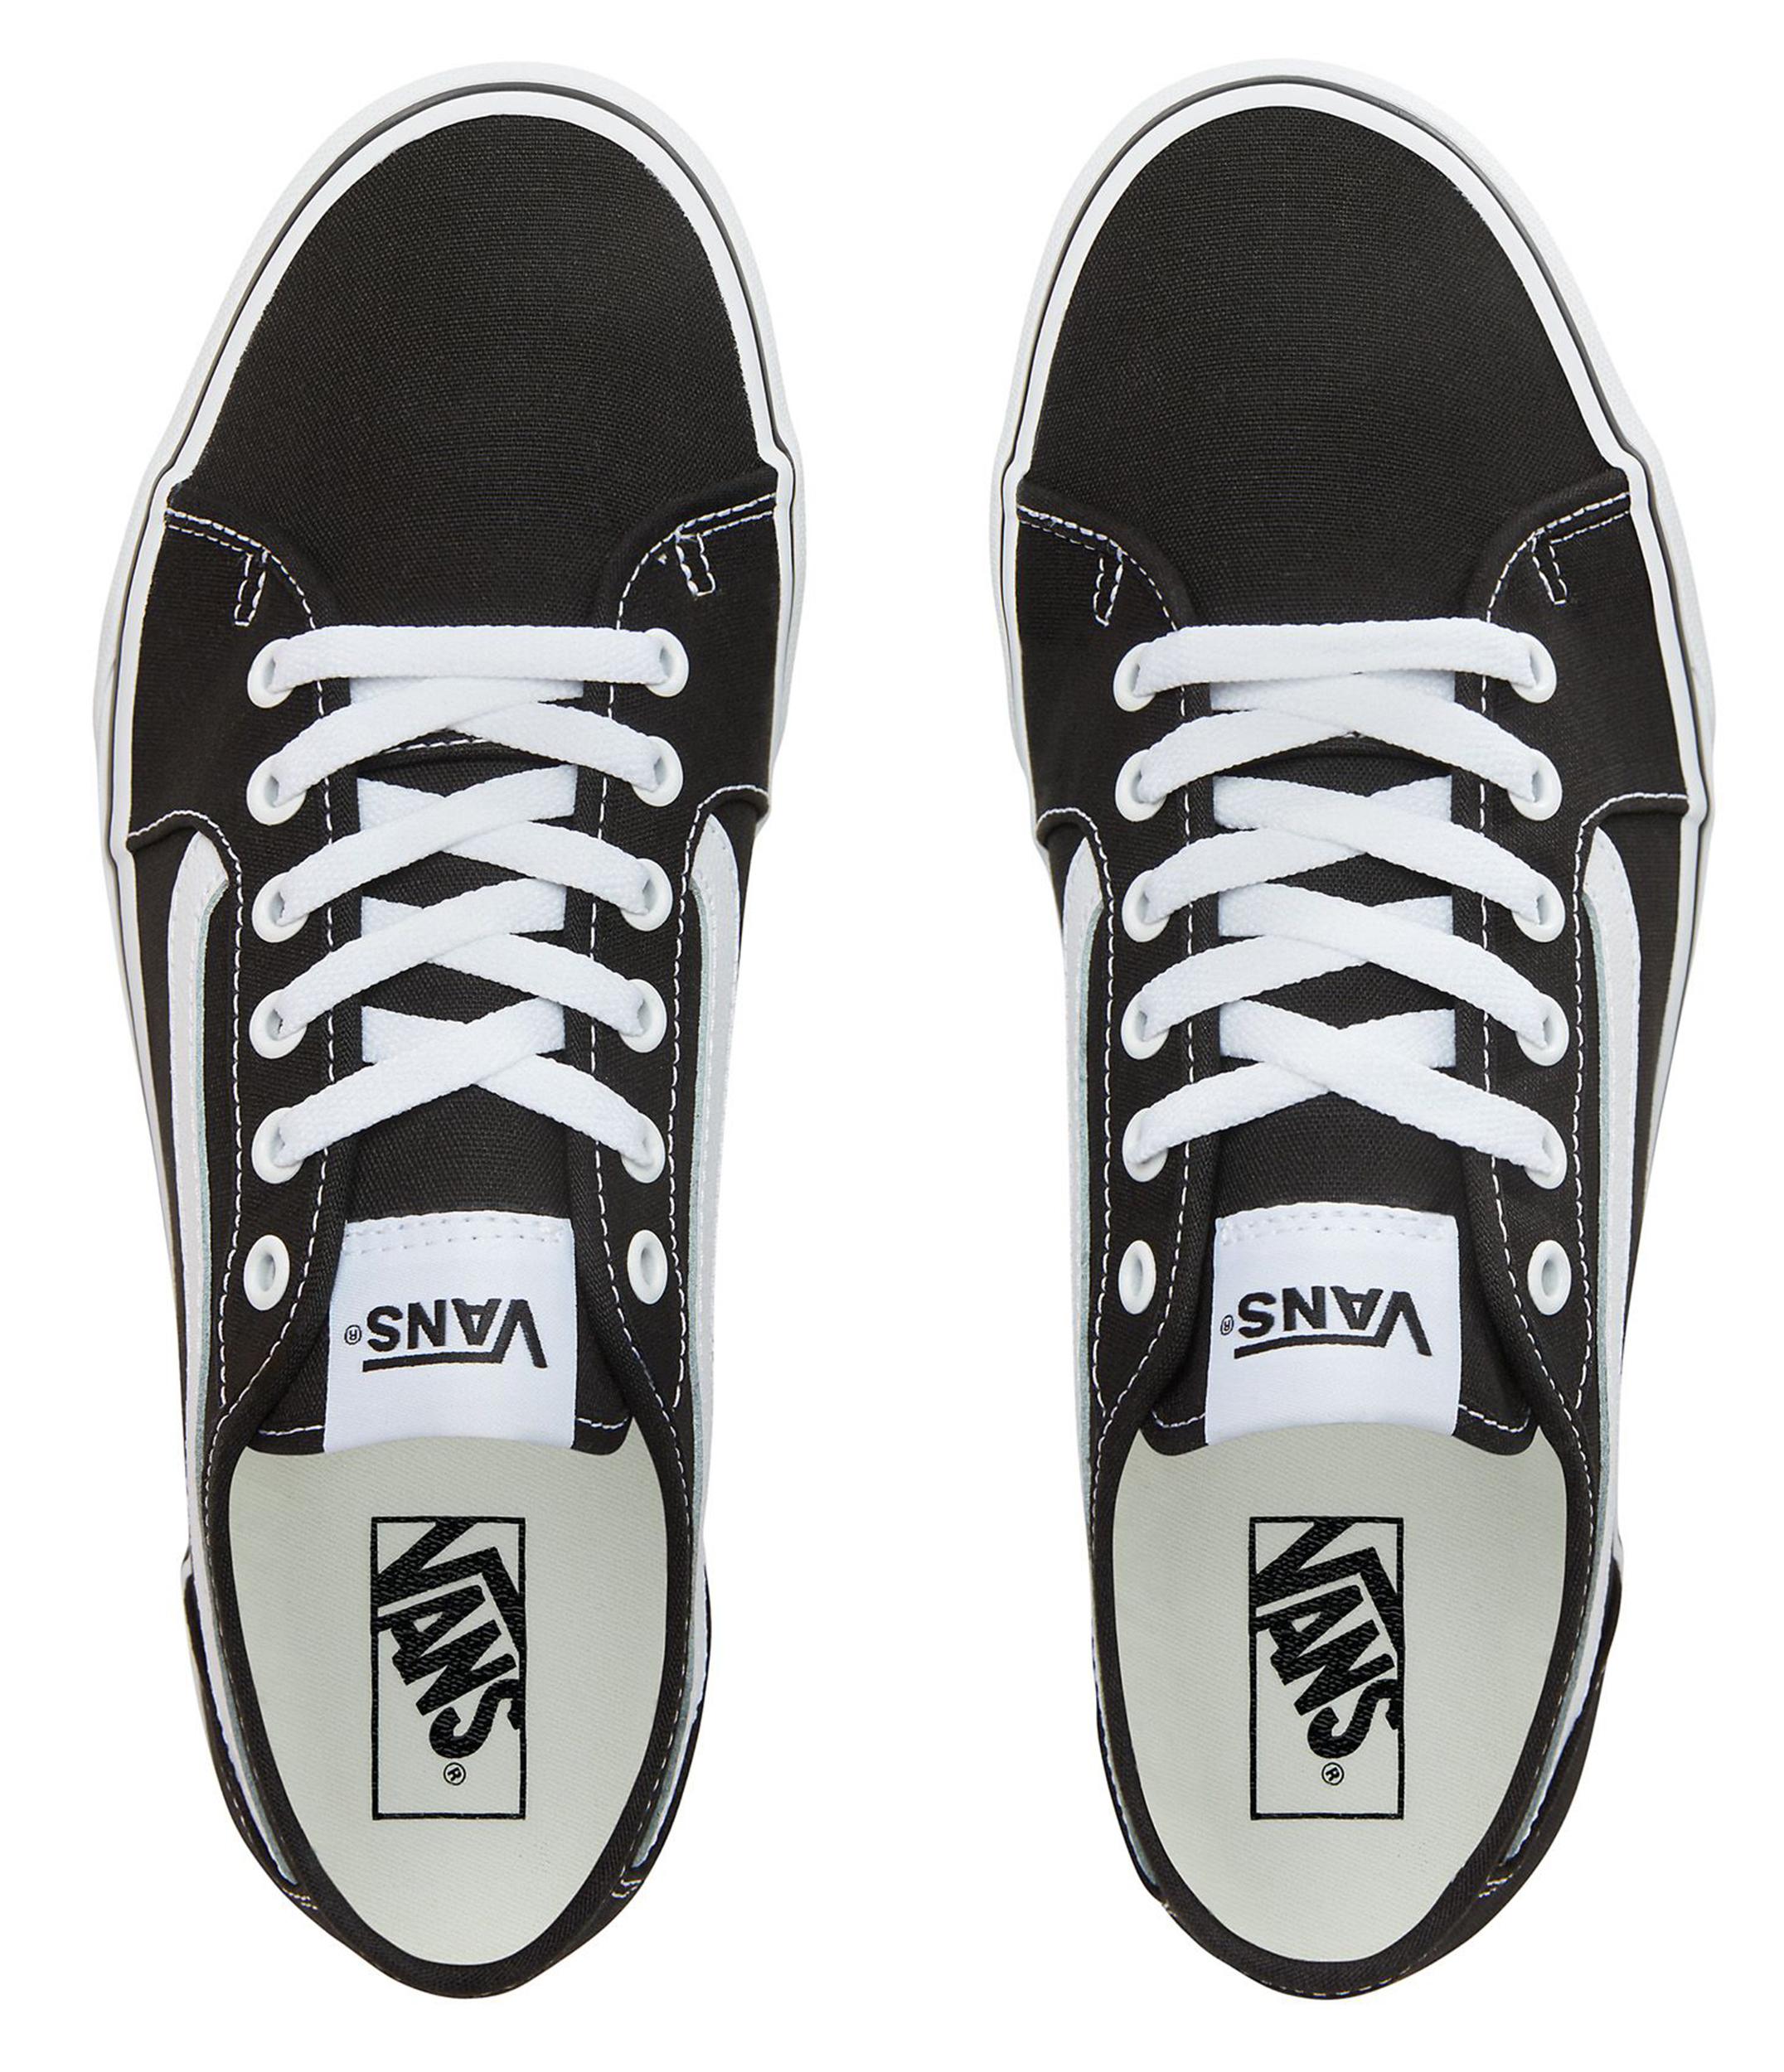 Details about VANS Filmore Decon Stripe Canvas Fashion Skater Shoe Trainers Black White